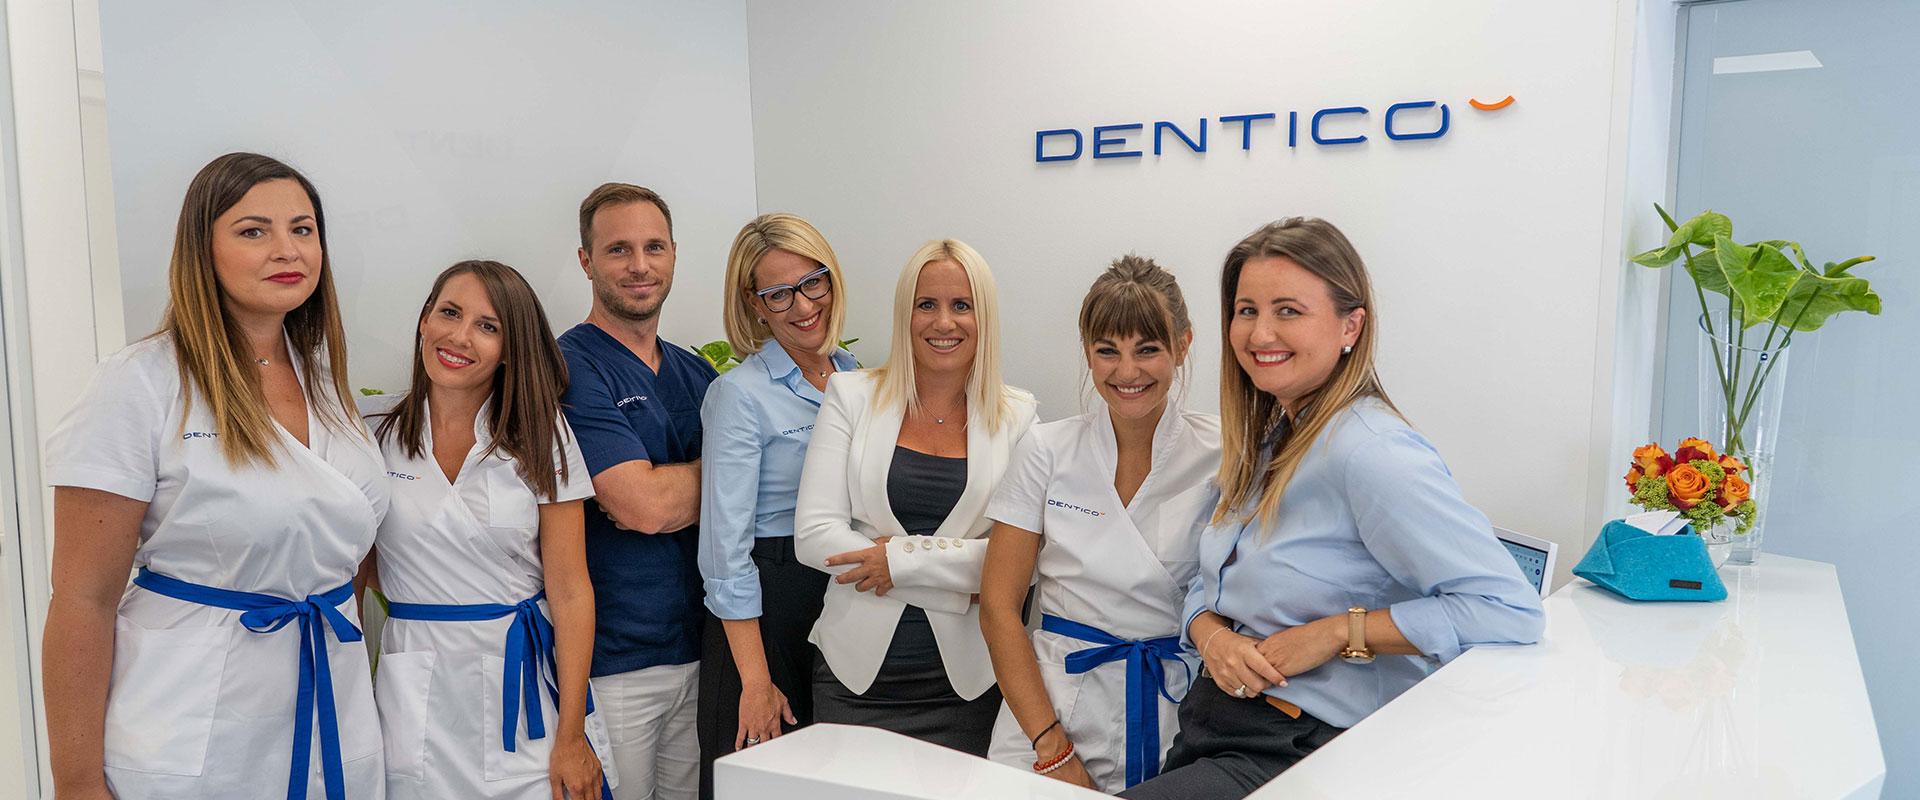 header-dentico-team